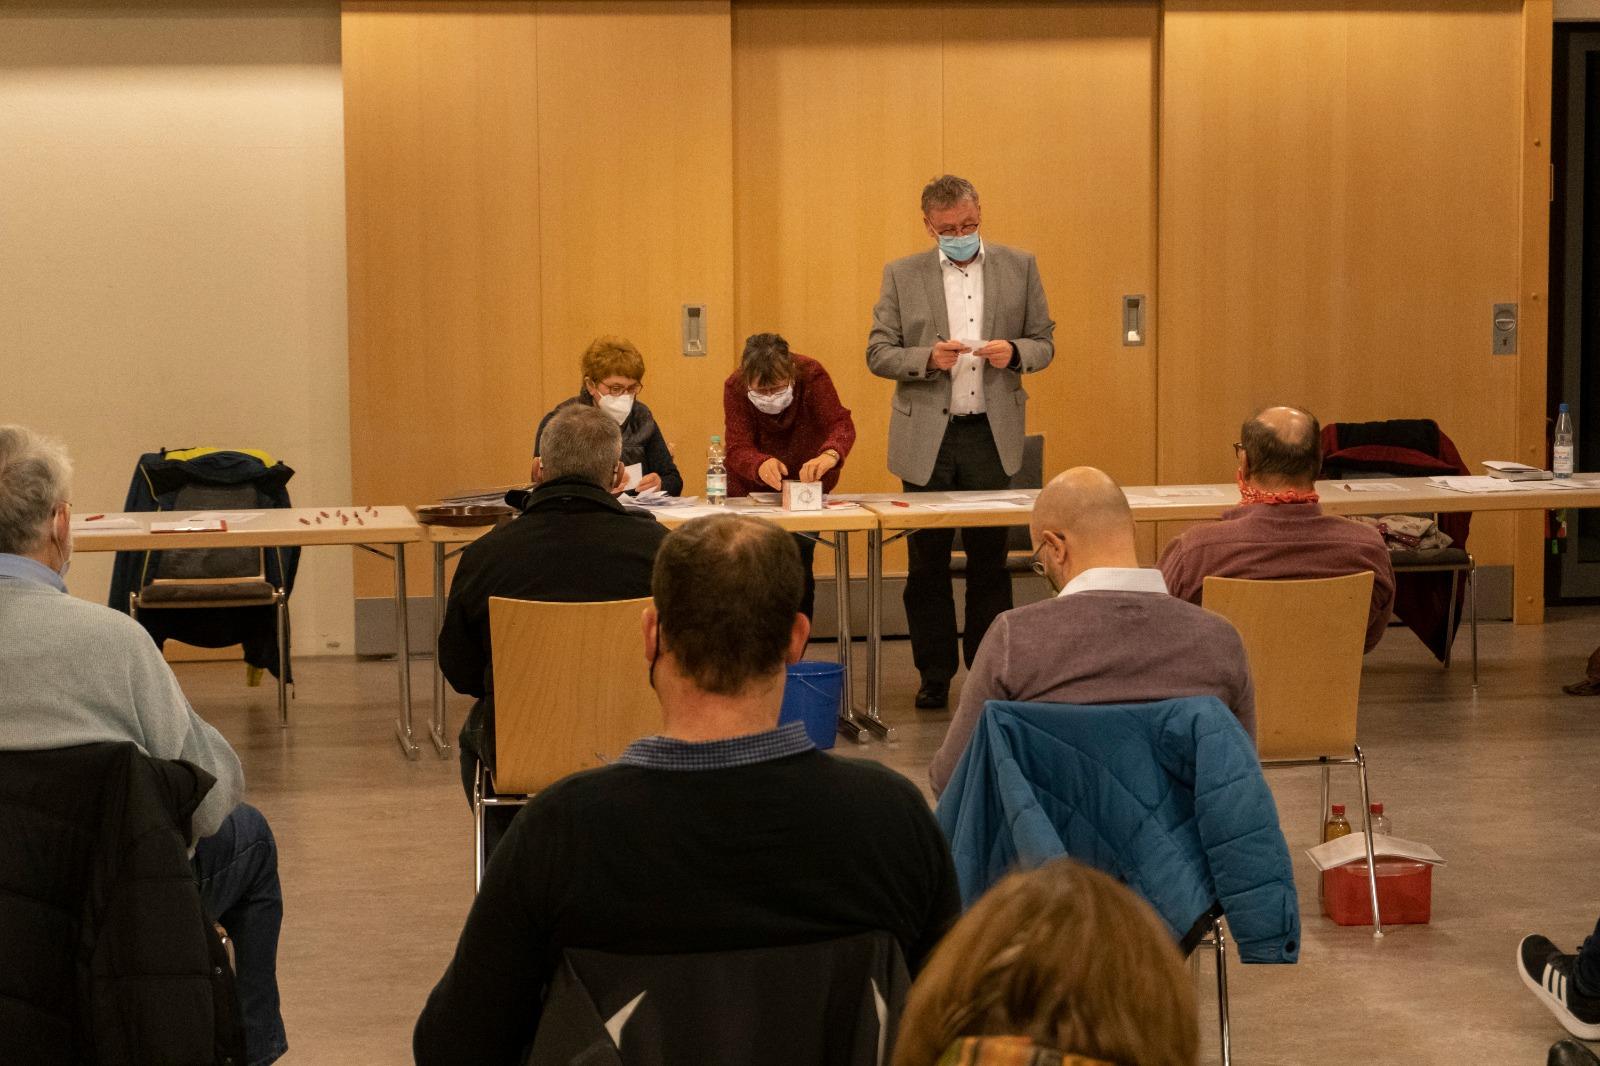 Foto: Podium mit Sitzungsleitung